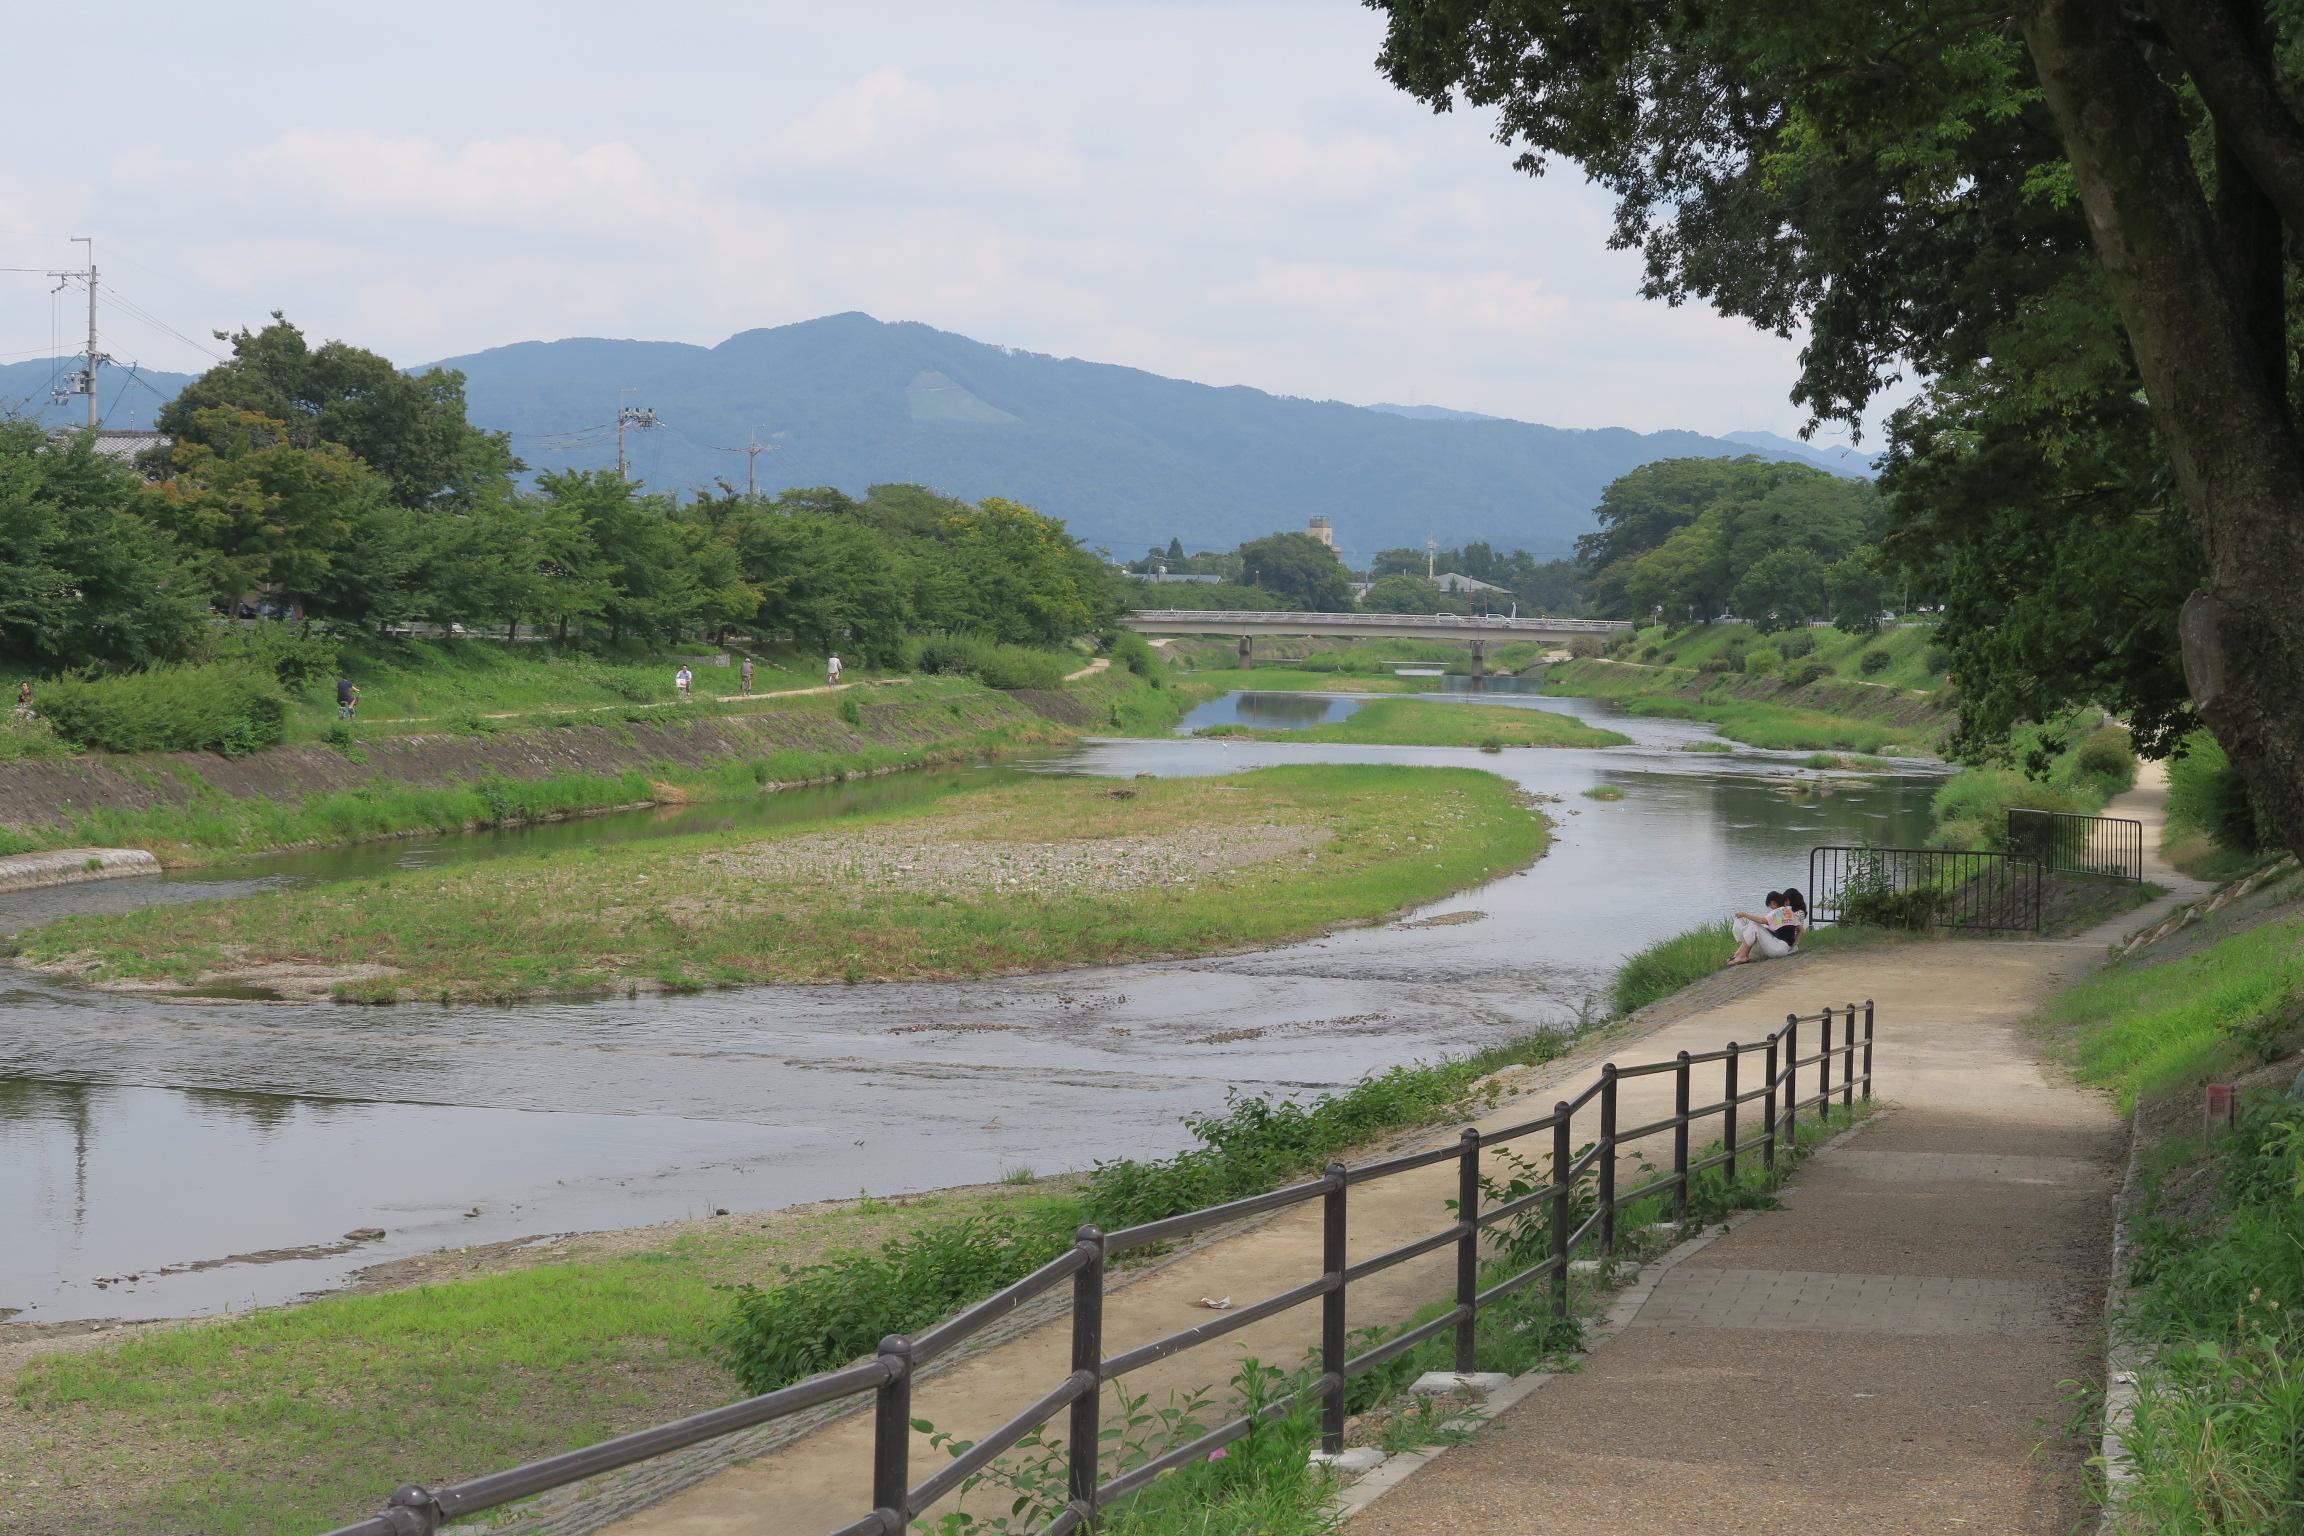 夏でも木陰があるから大丈夫。暑さをしのぎながら川沿いでランチできます。